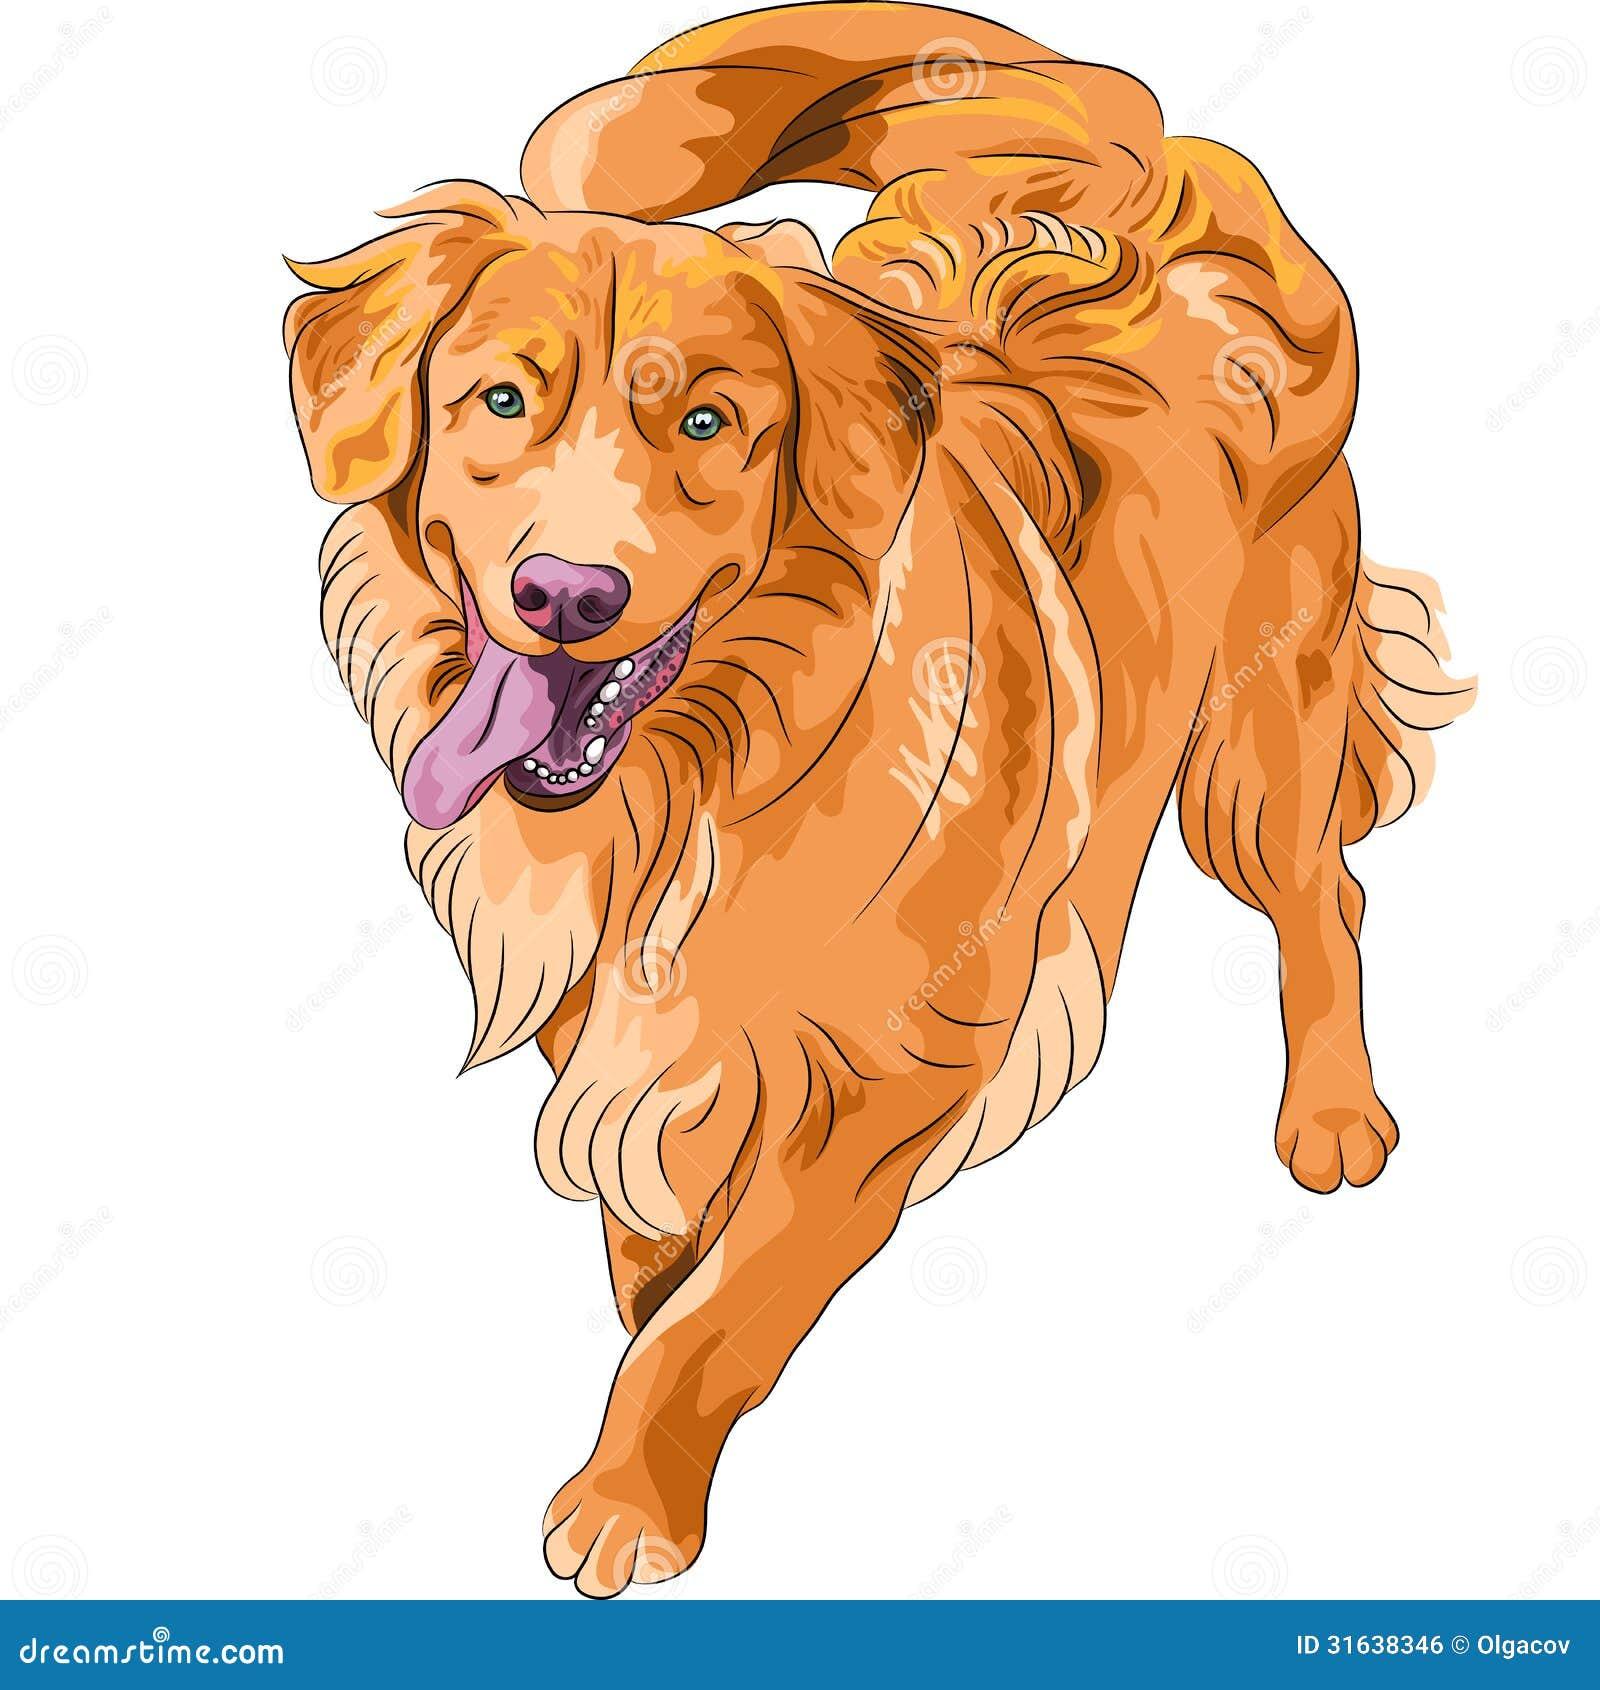 Funny Dog With Gun Gun hilarious funny dog